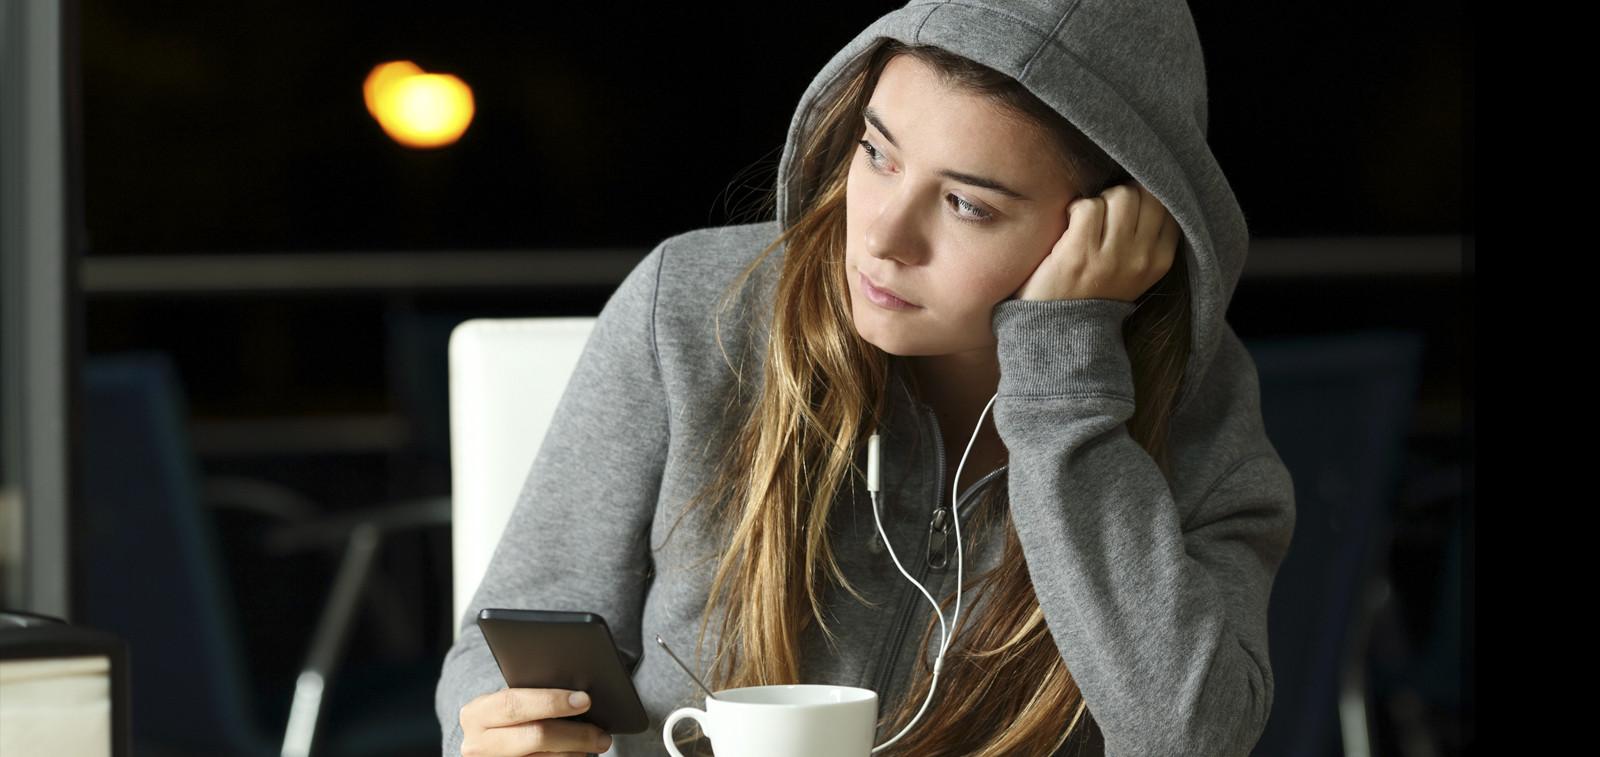 Nuori tyttö kahvilassa